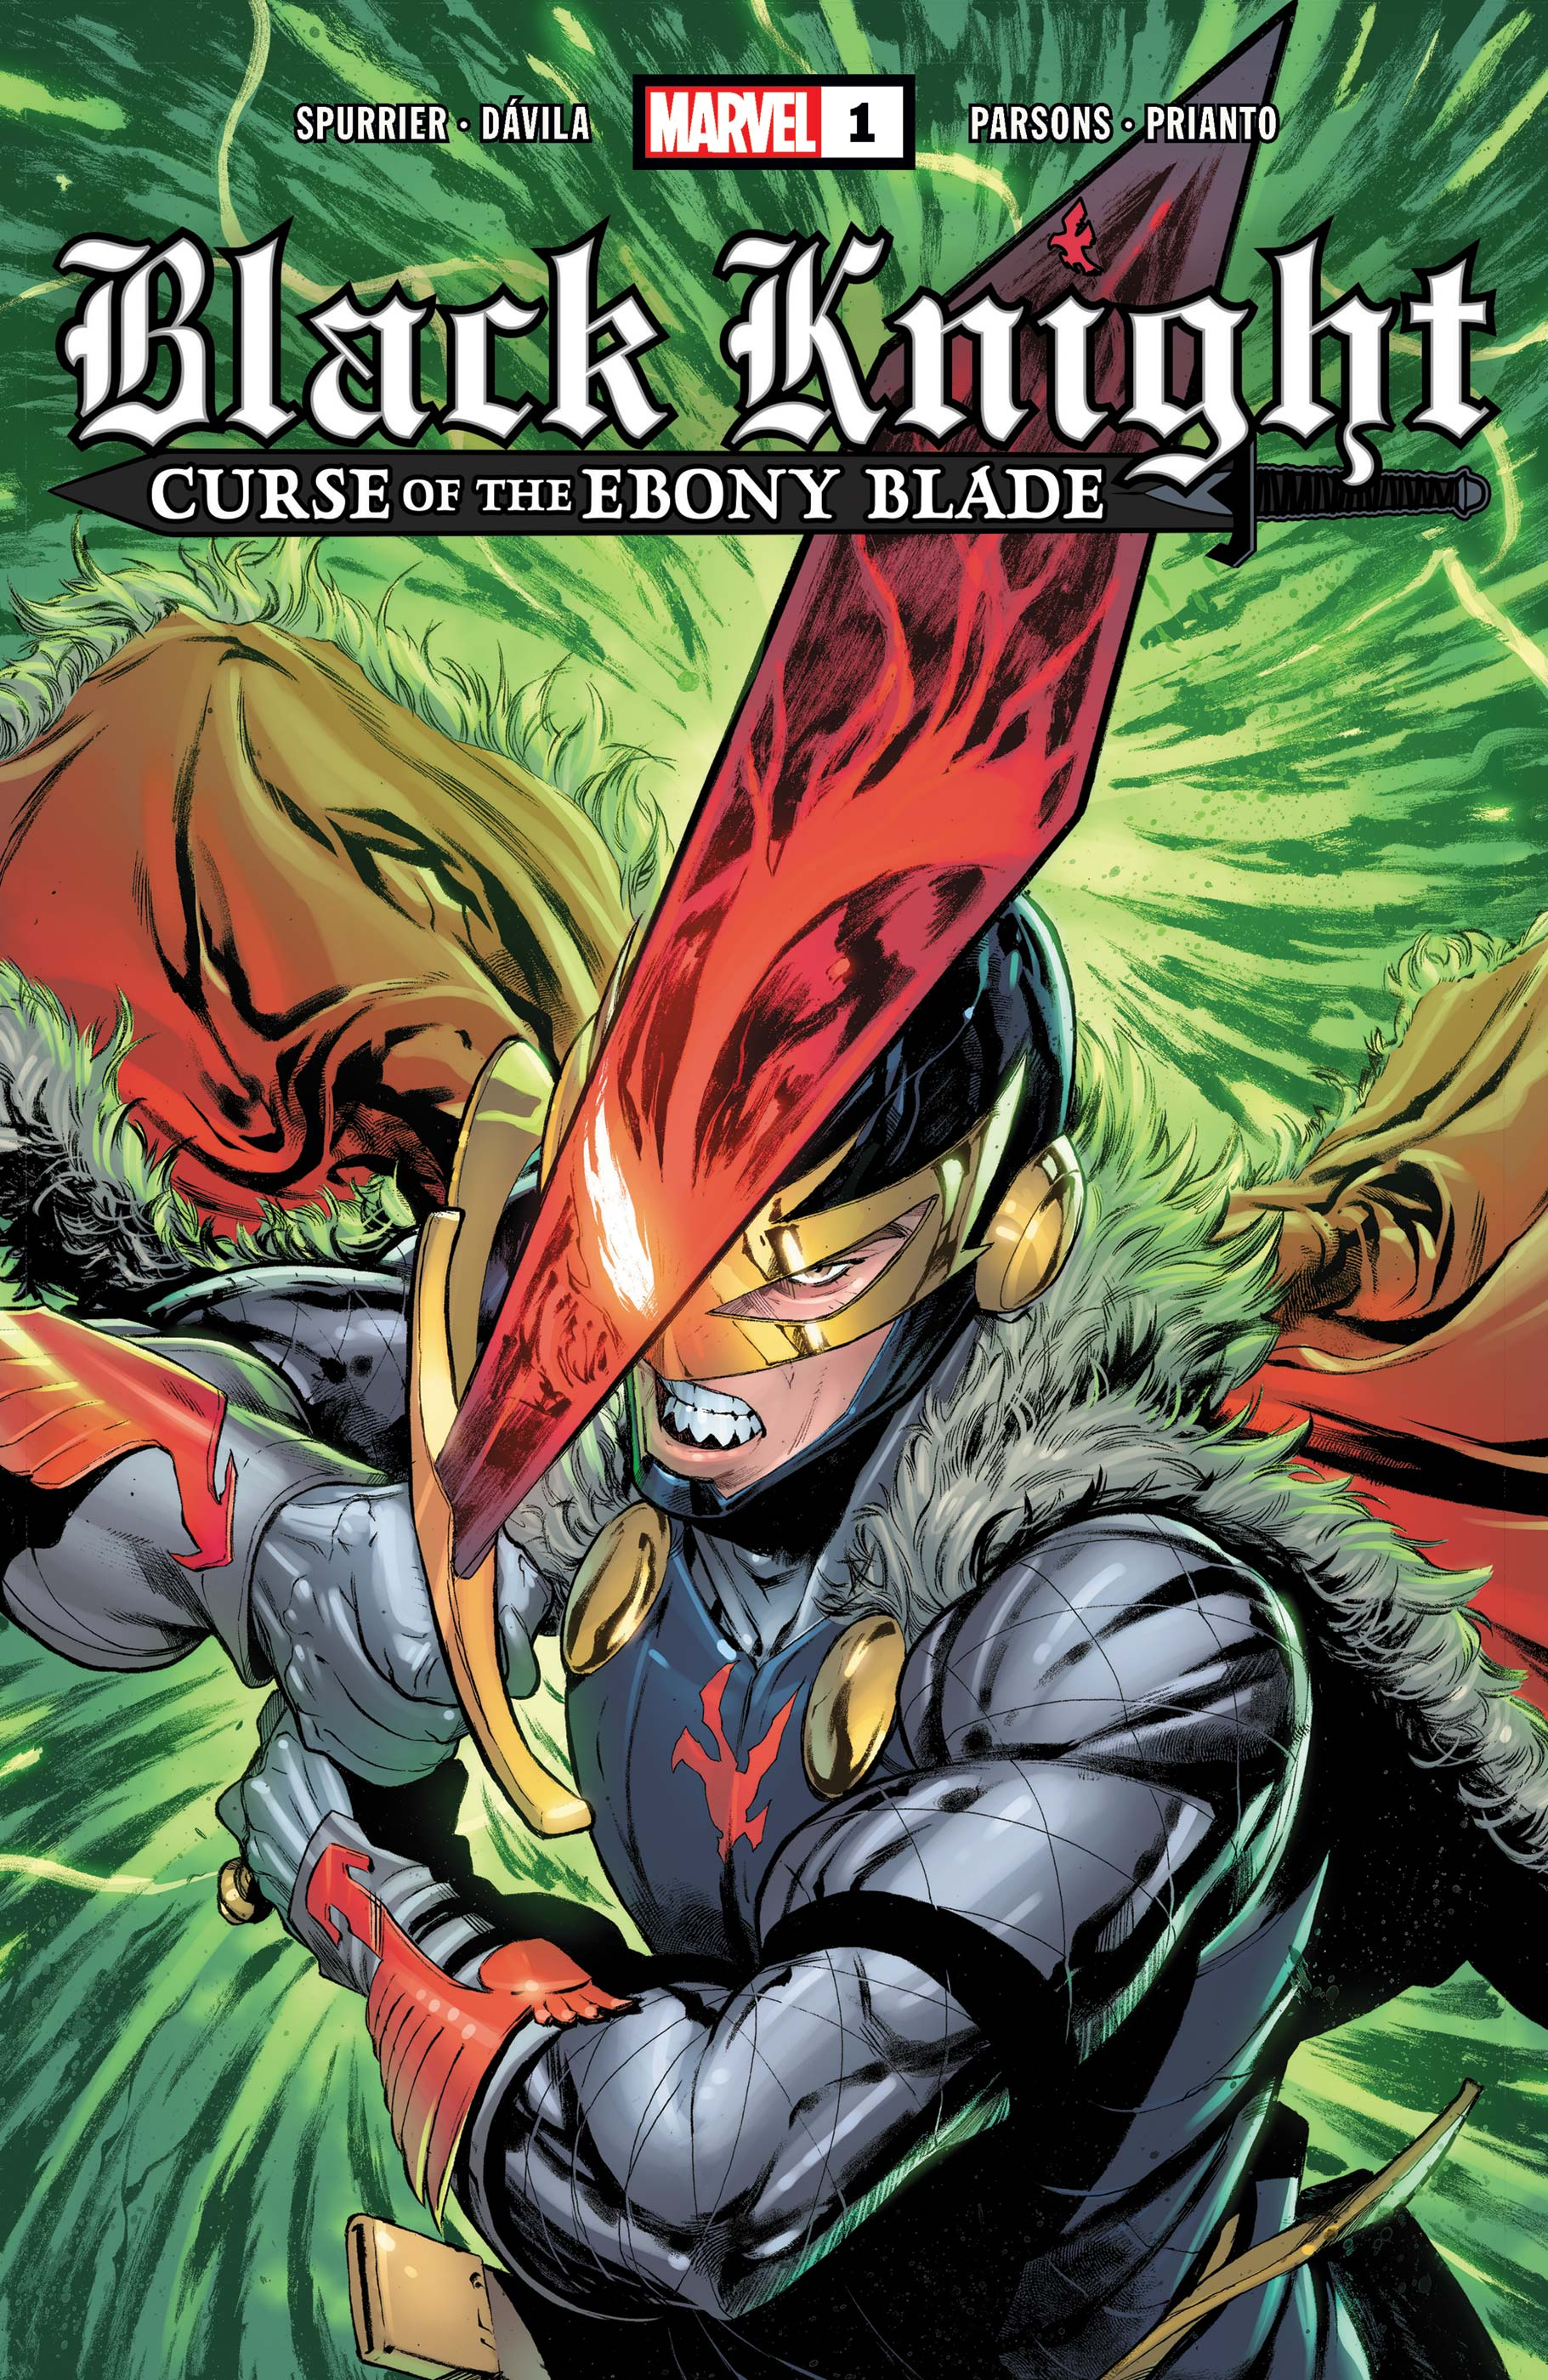 Black Knight: Curse of the Ebony Blade (2021) #1